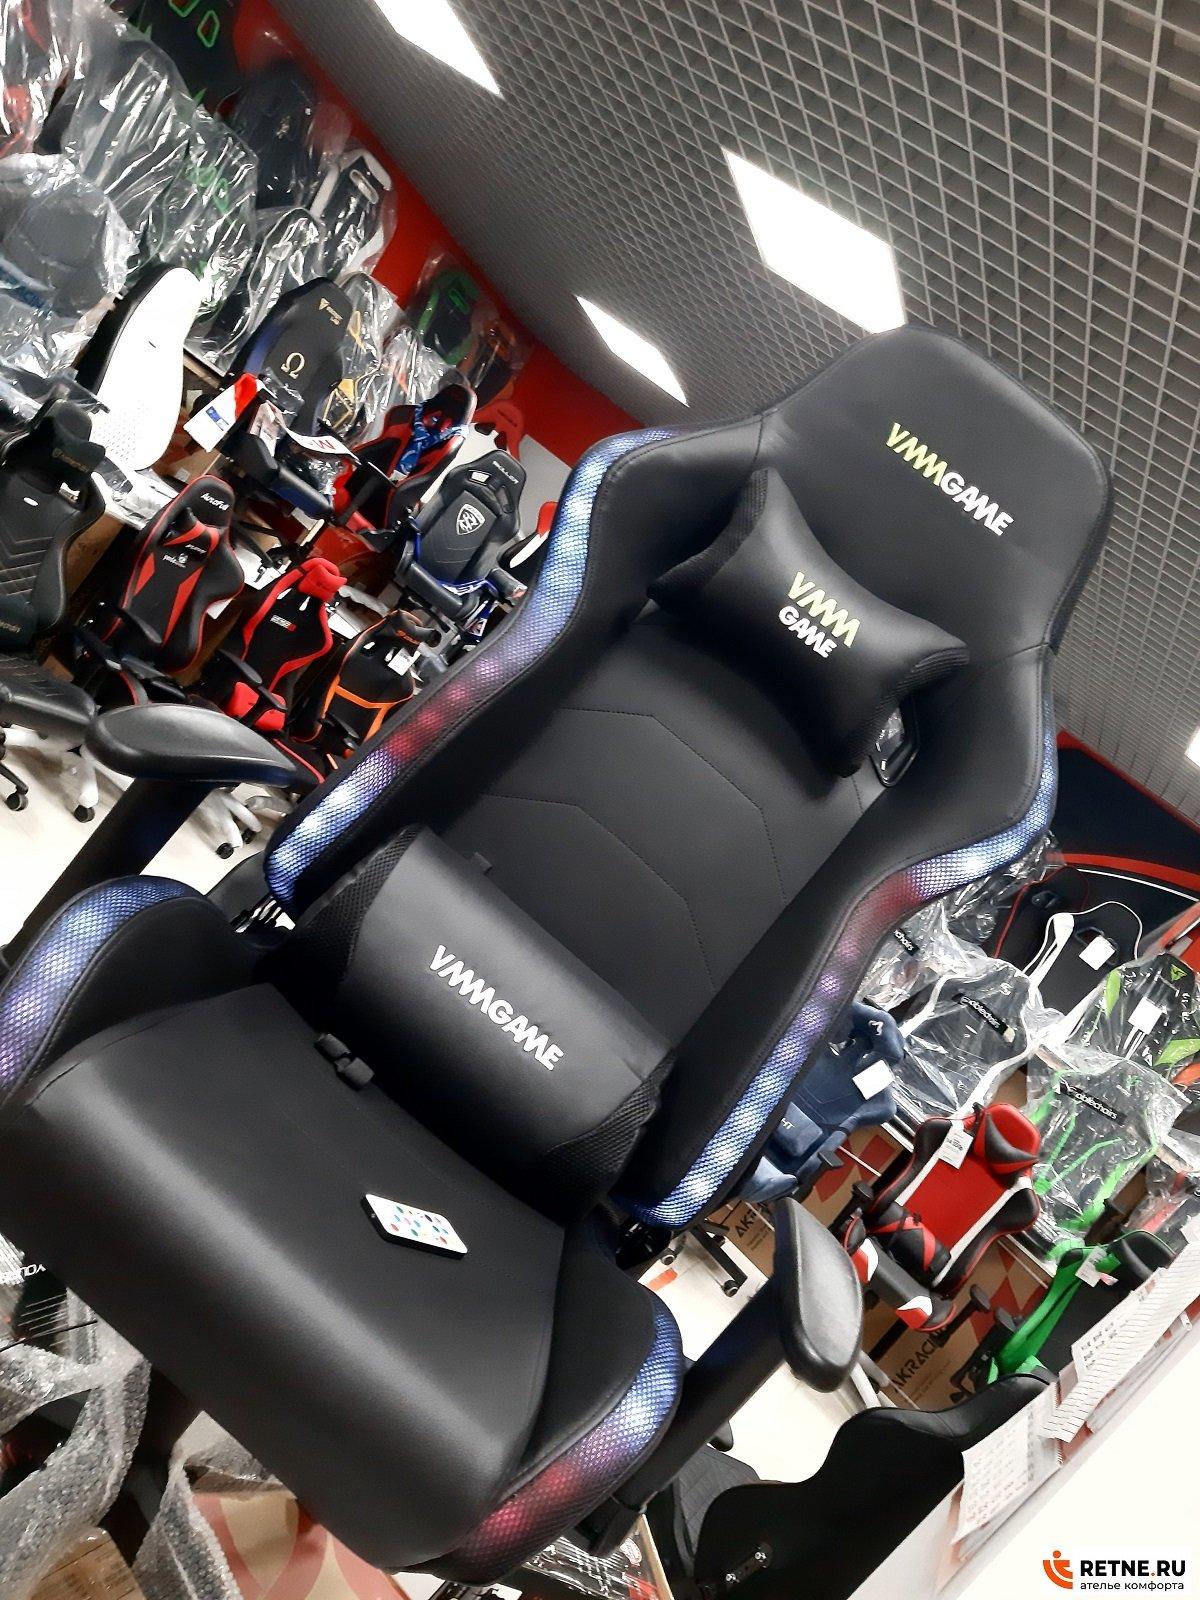 VMMGAME ASTRAL игровое кресло с RGB ПОДСВЕТКОЙ